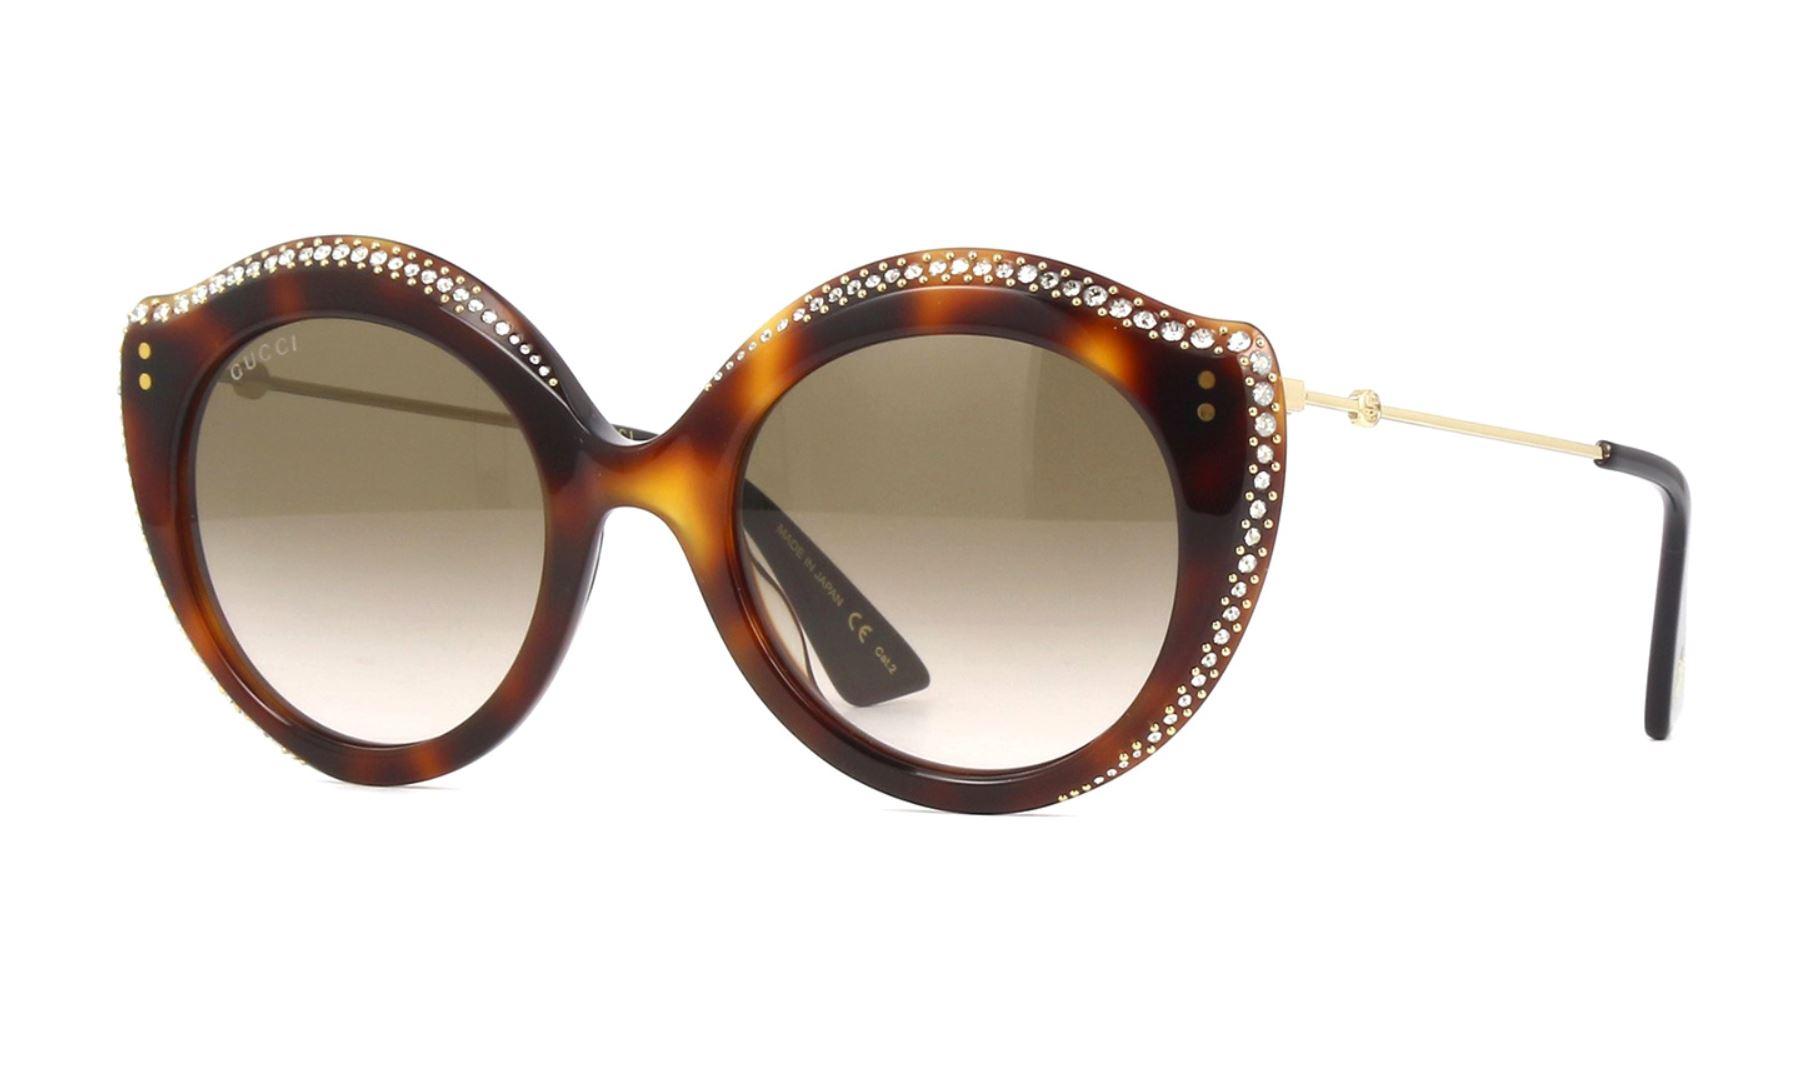 4adc29308654 Fashion Deals  Gucci GG0214S 003 Women Sunglasses